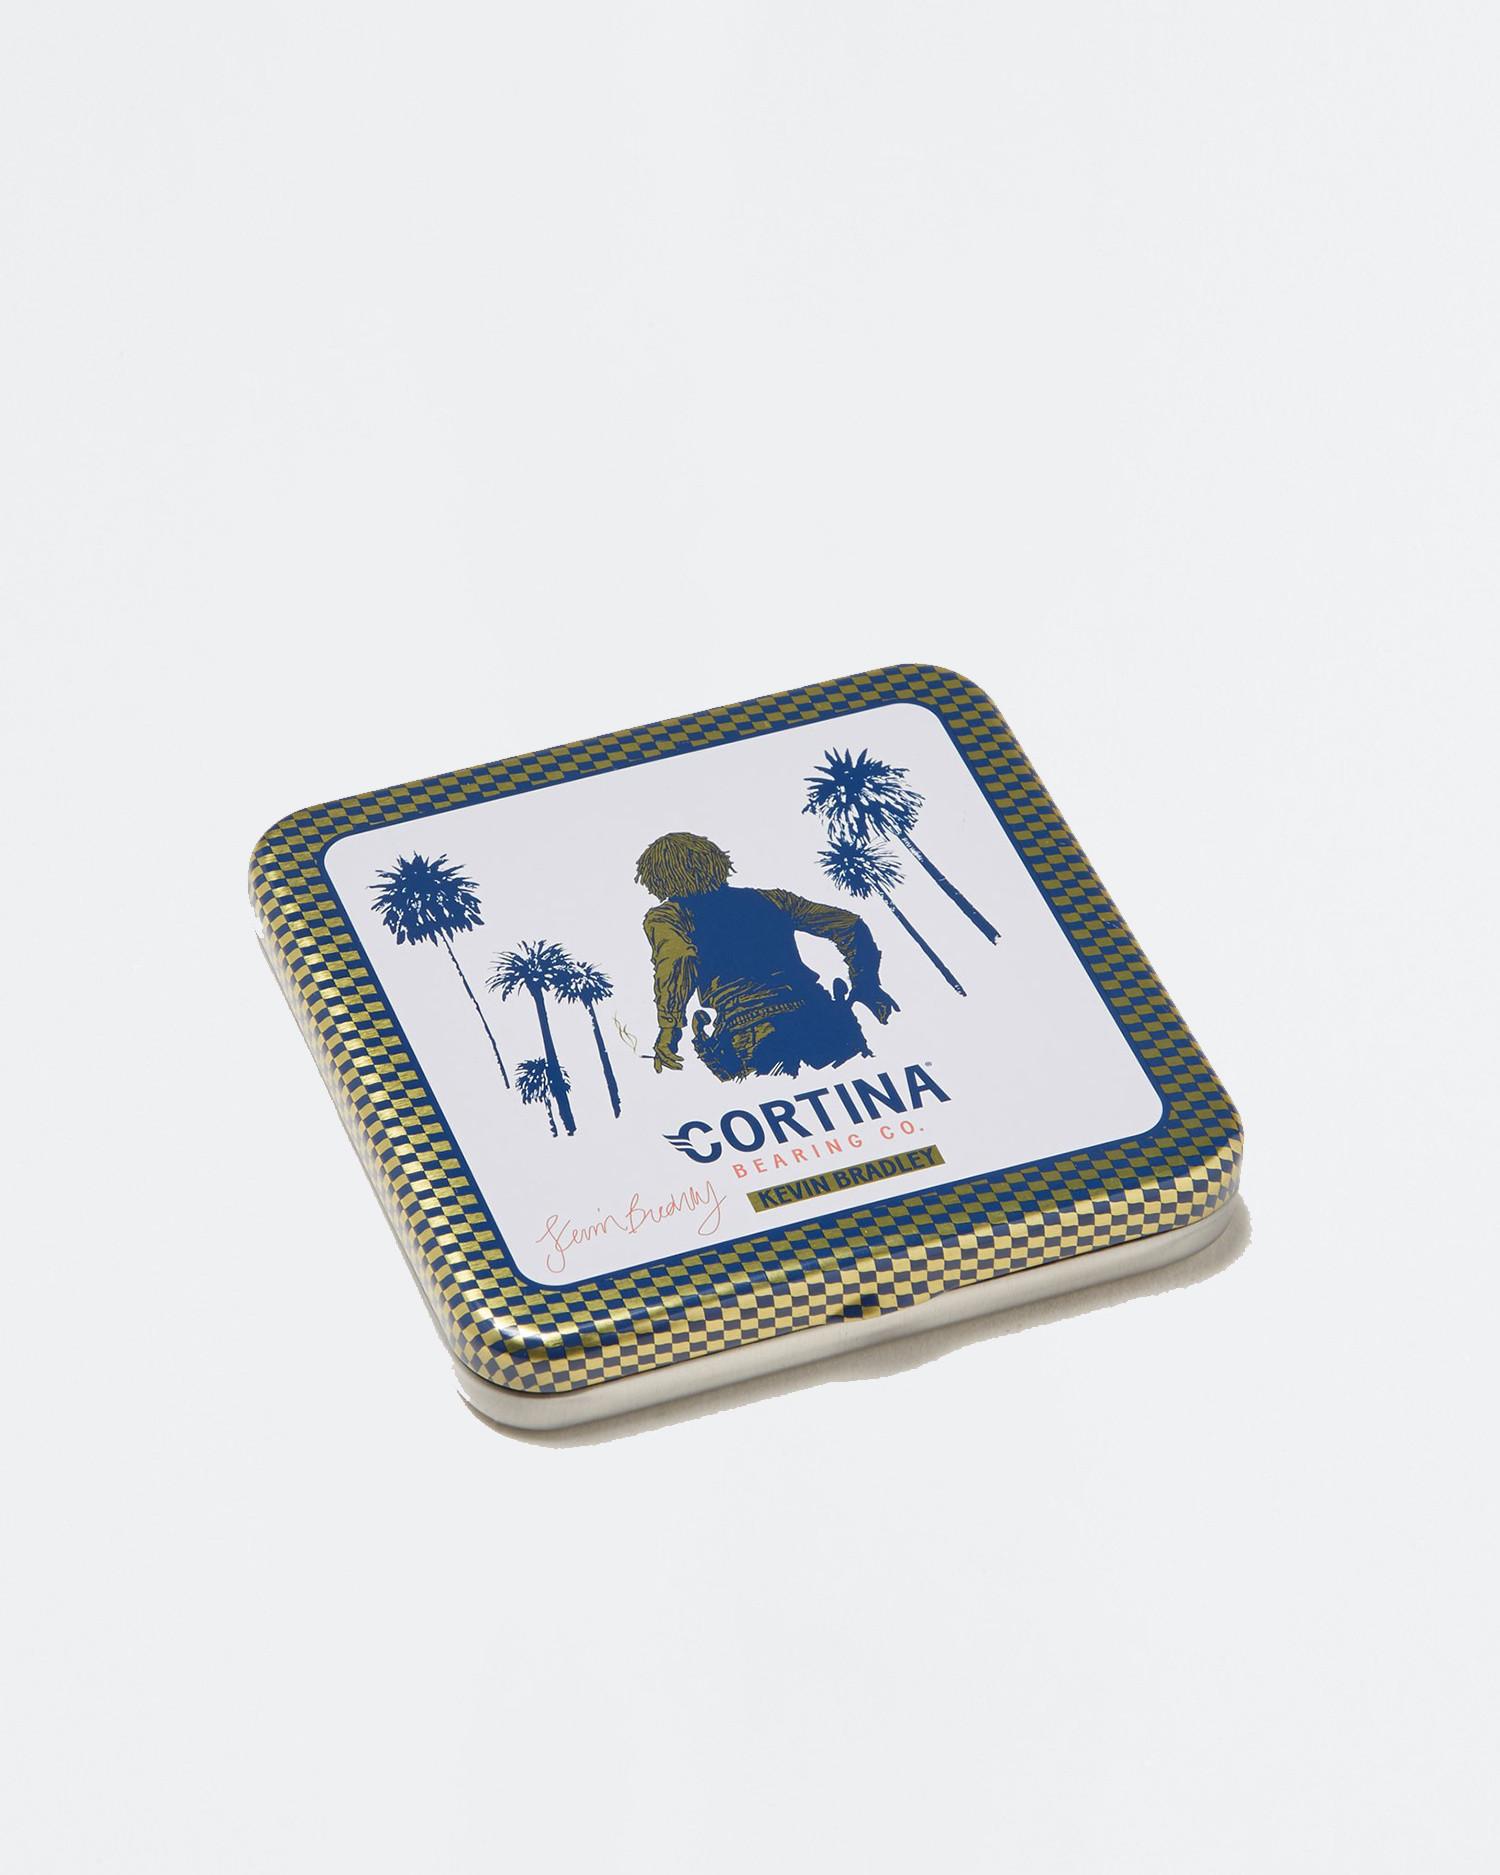 Cortina Kevin Bradley Signature Gold/Silver Bearings